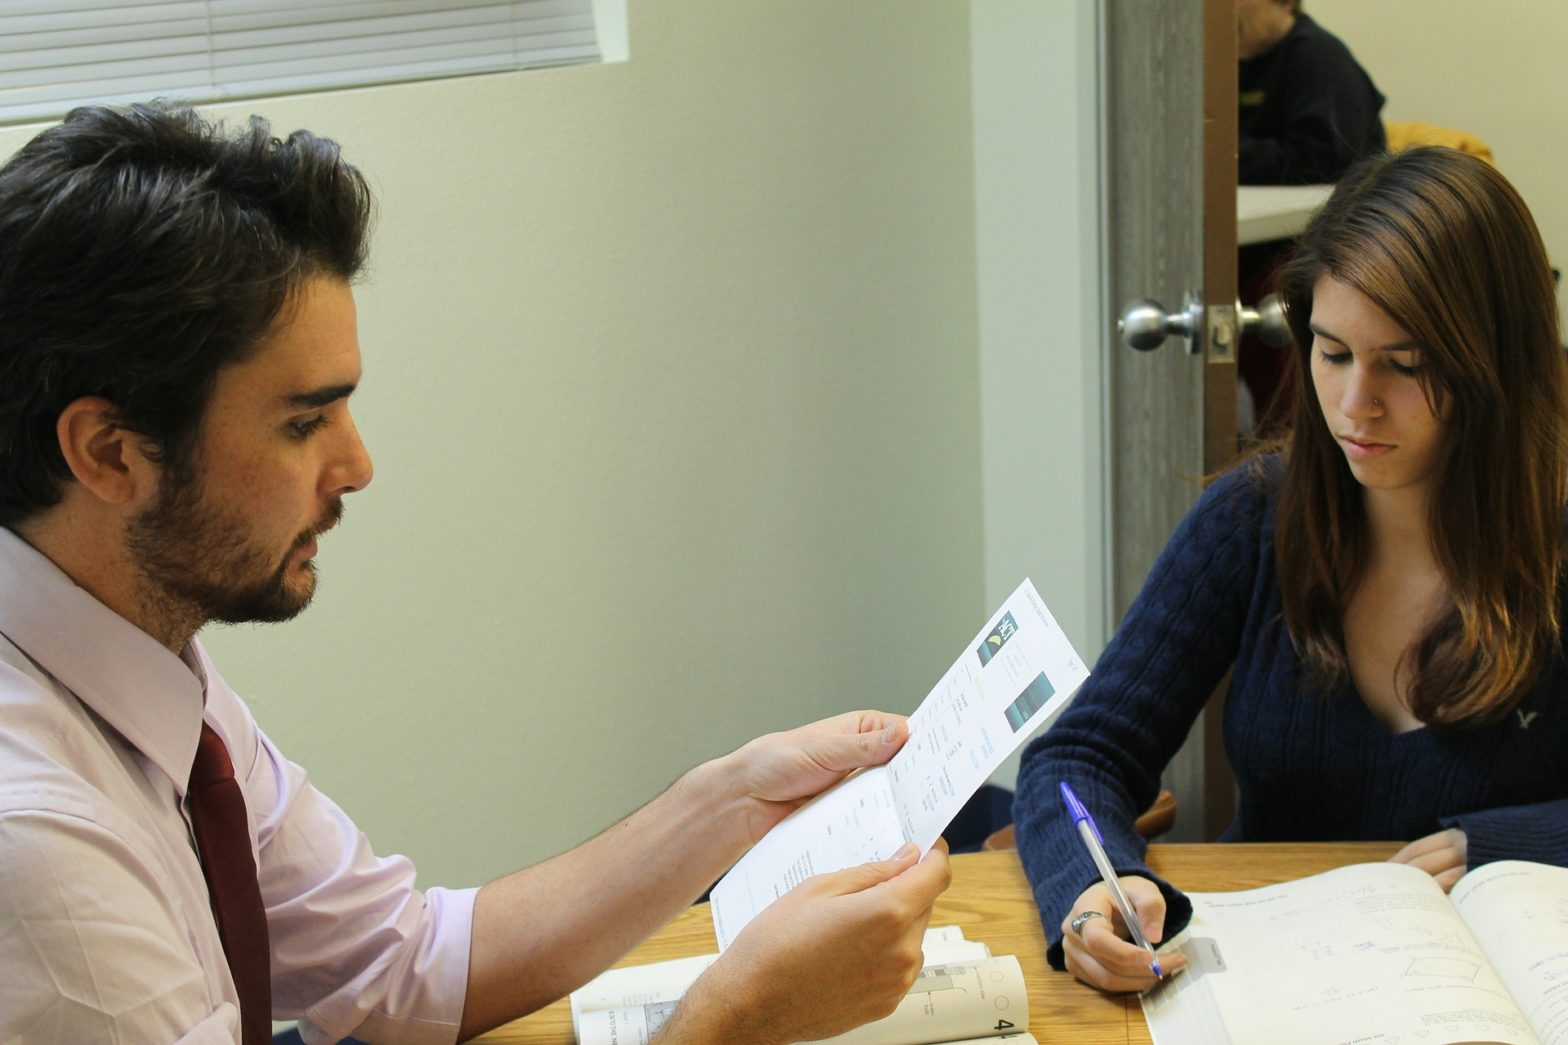 Finance: Types of Loans